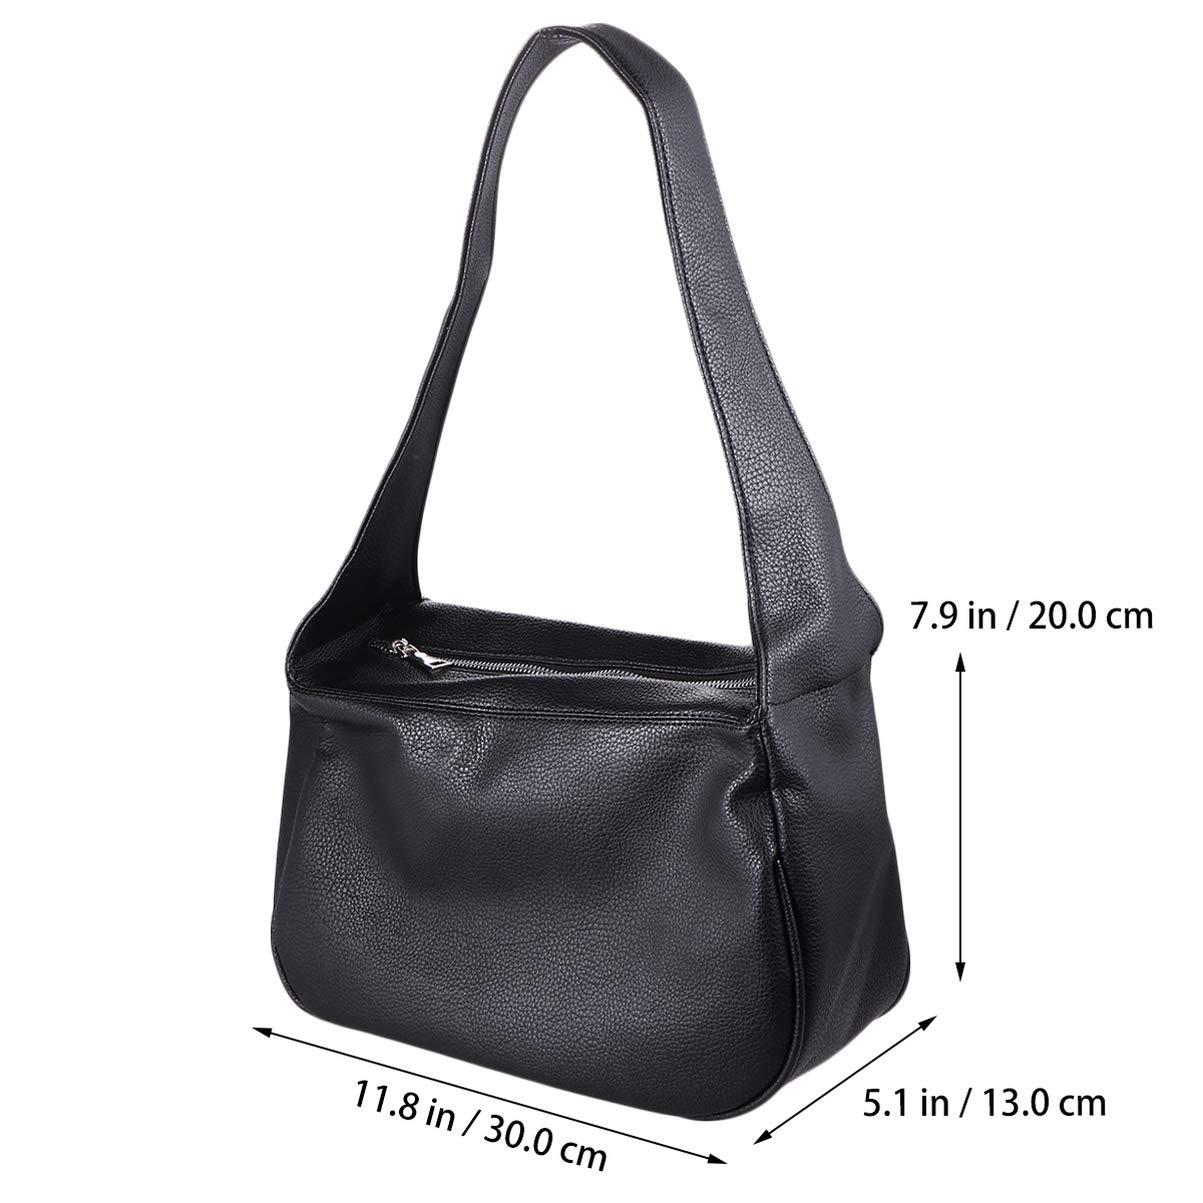 PRETYZOOM PU-läder axelväska matchande handväska stor kapacitet mode ficka bok handväska för resor shopping utomhus (vit) Svart